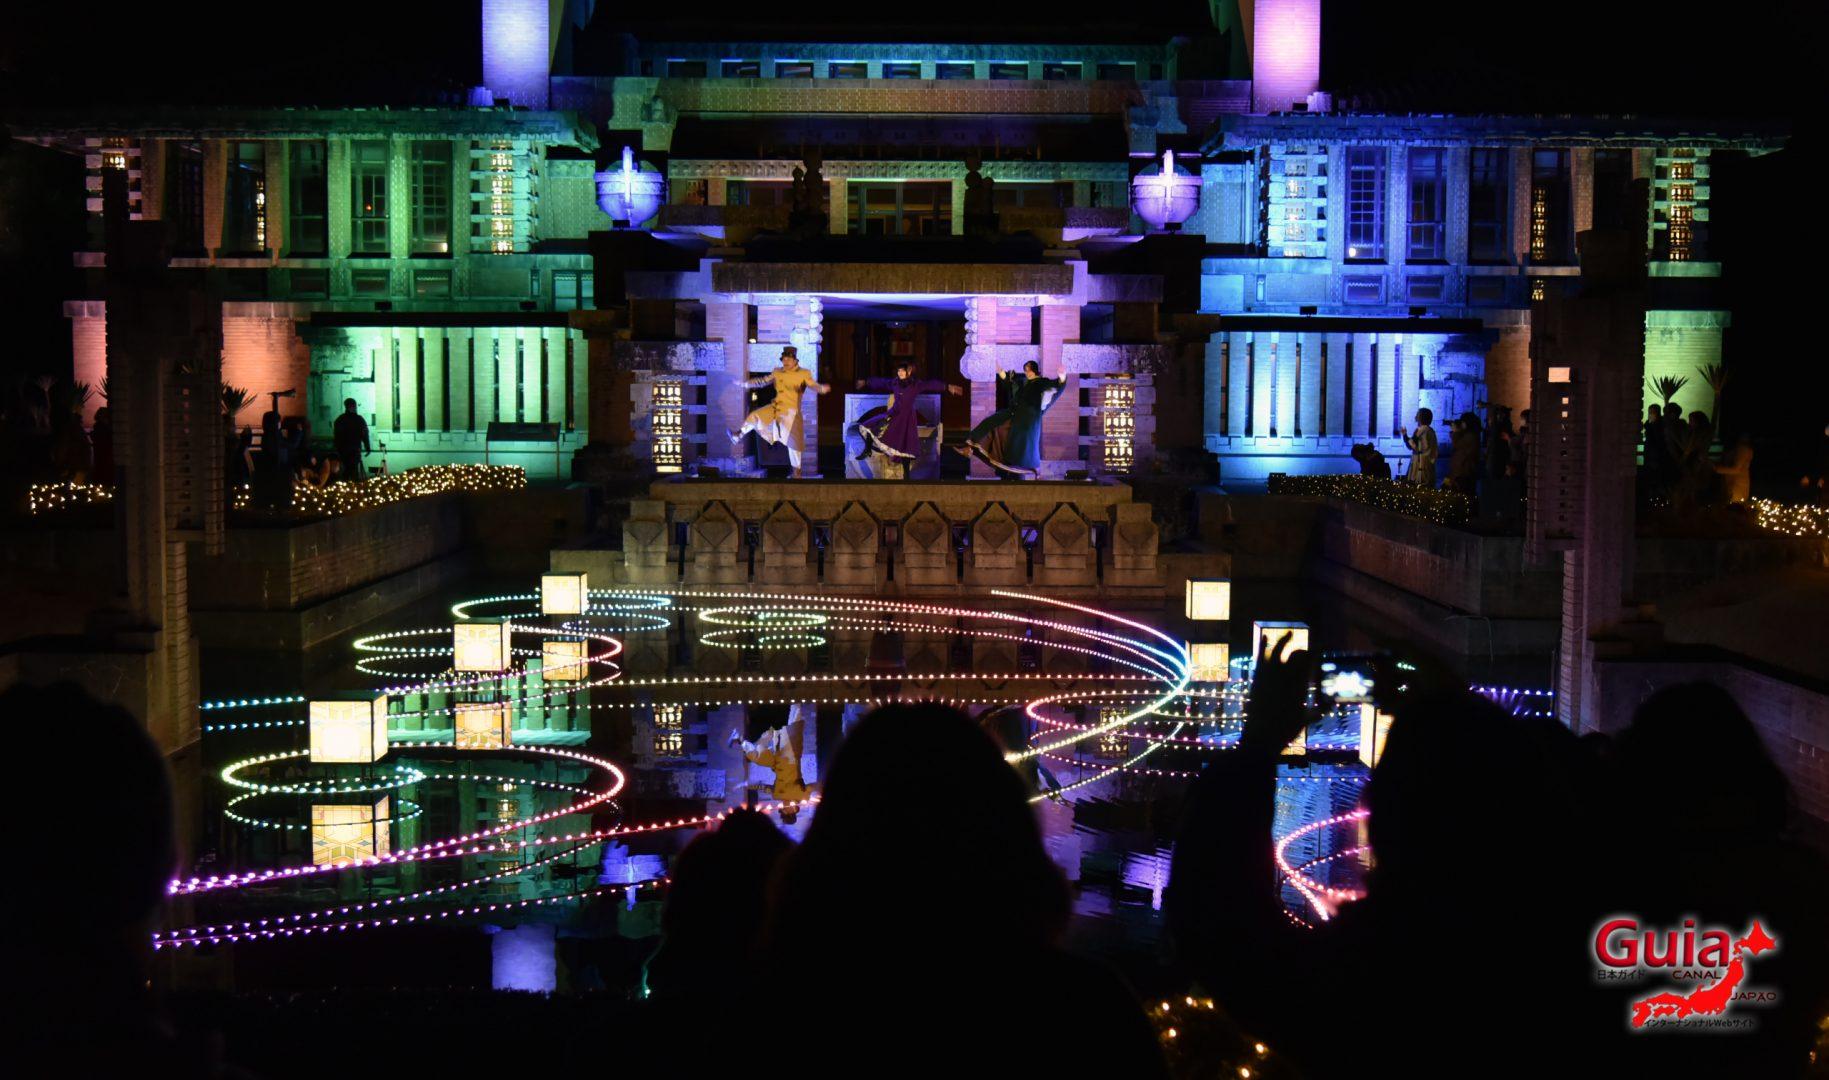 Мэйжи-Мура музей - Баярын гэрэлтүүлэг 11